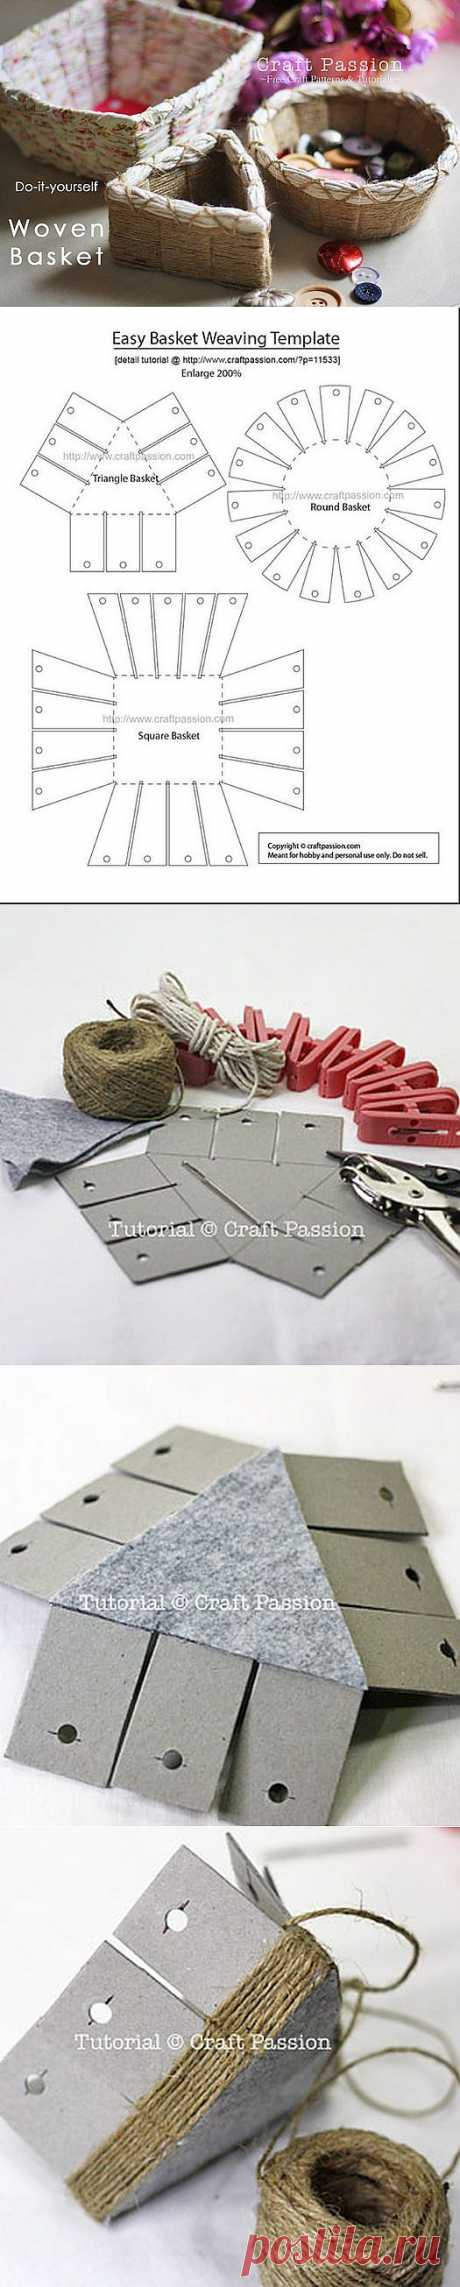 Поделки своими руками - Поделки из бечевки и картона, стильные коробочки для мелочей МК